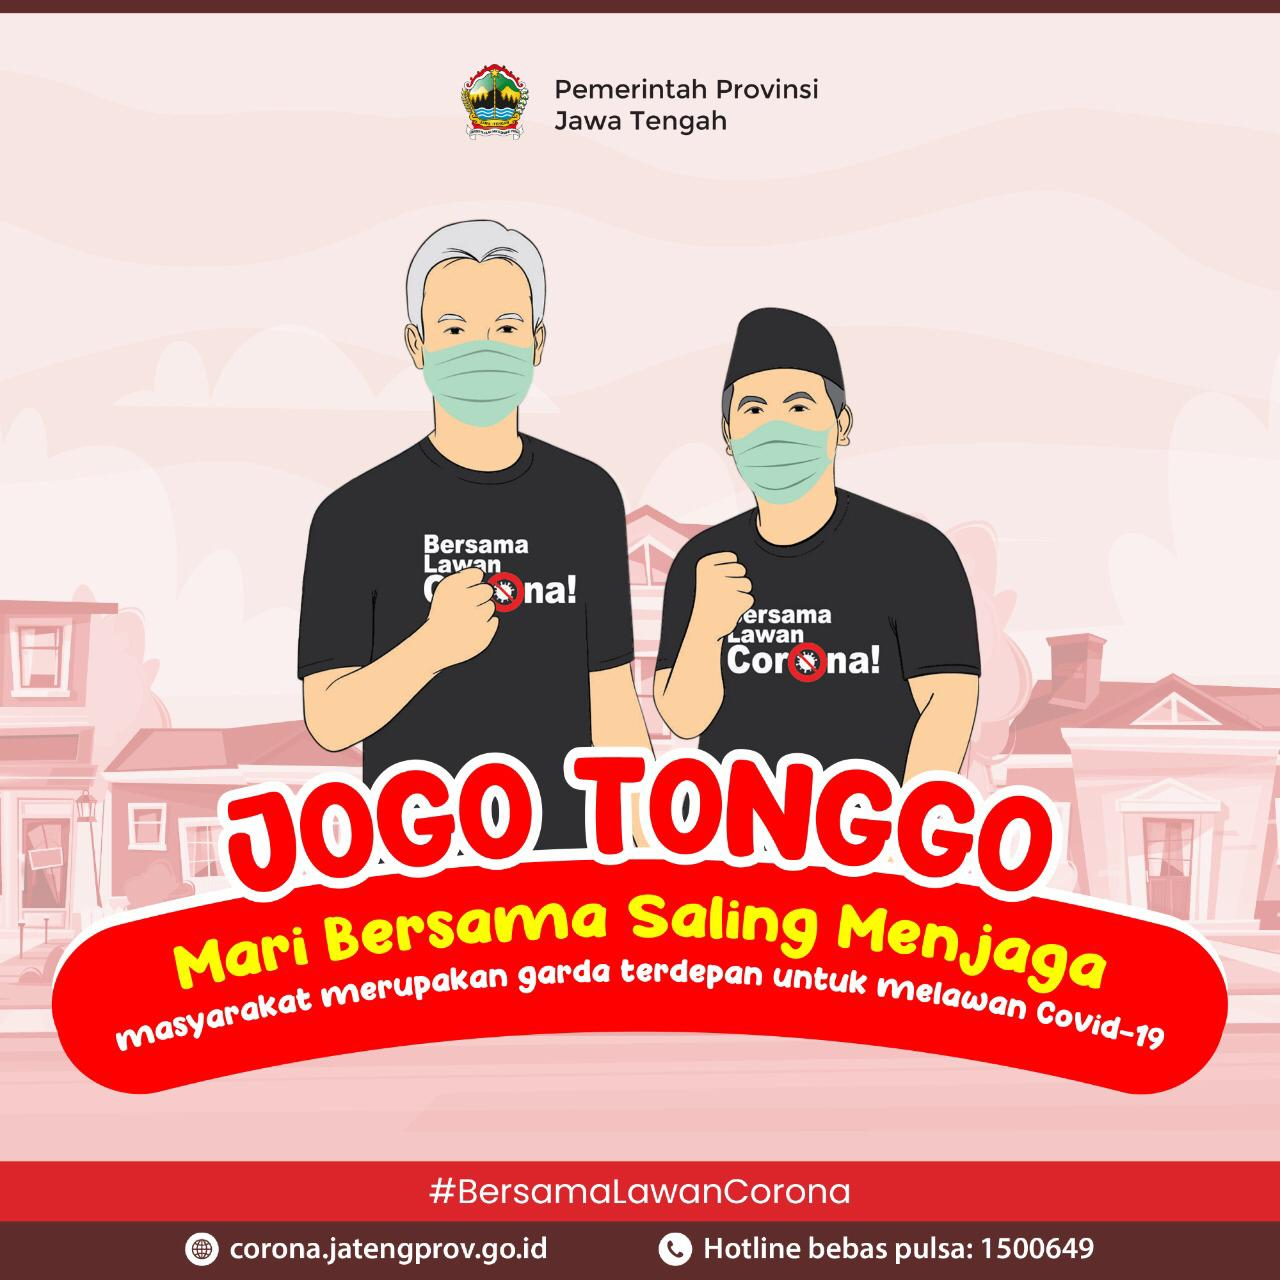 Jogo Tonggo